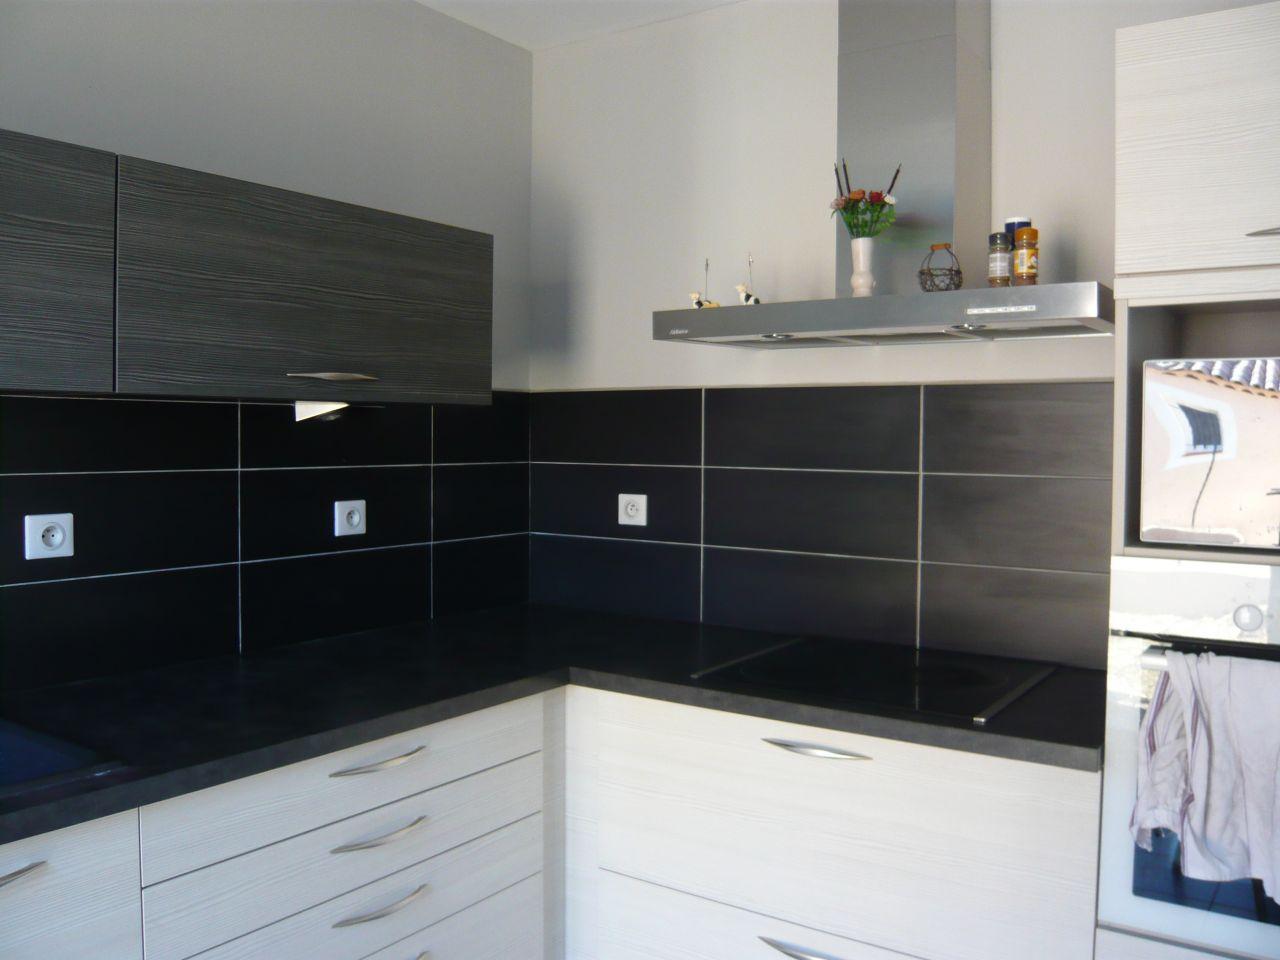 bandeau lumineux pour cuisine un mur noir dans une cuisine blanche cu0027est tendance pour. Black Bedroom Furniture Sets. Home Design Ideas